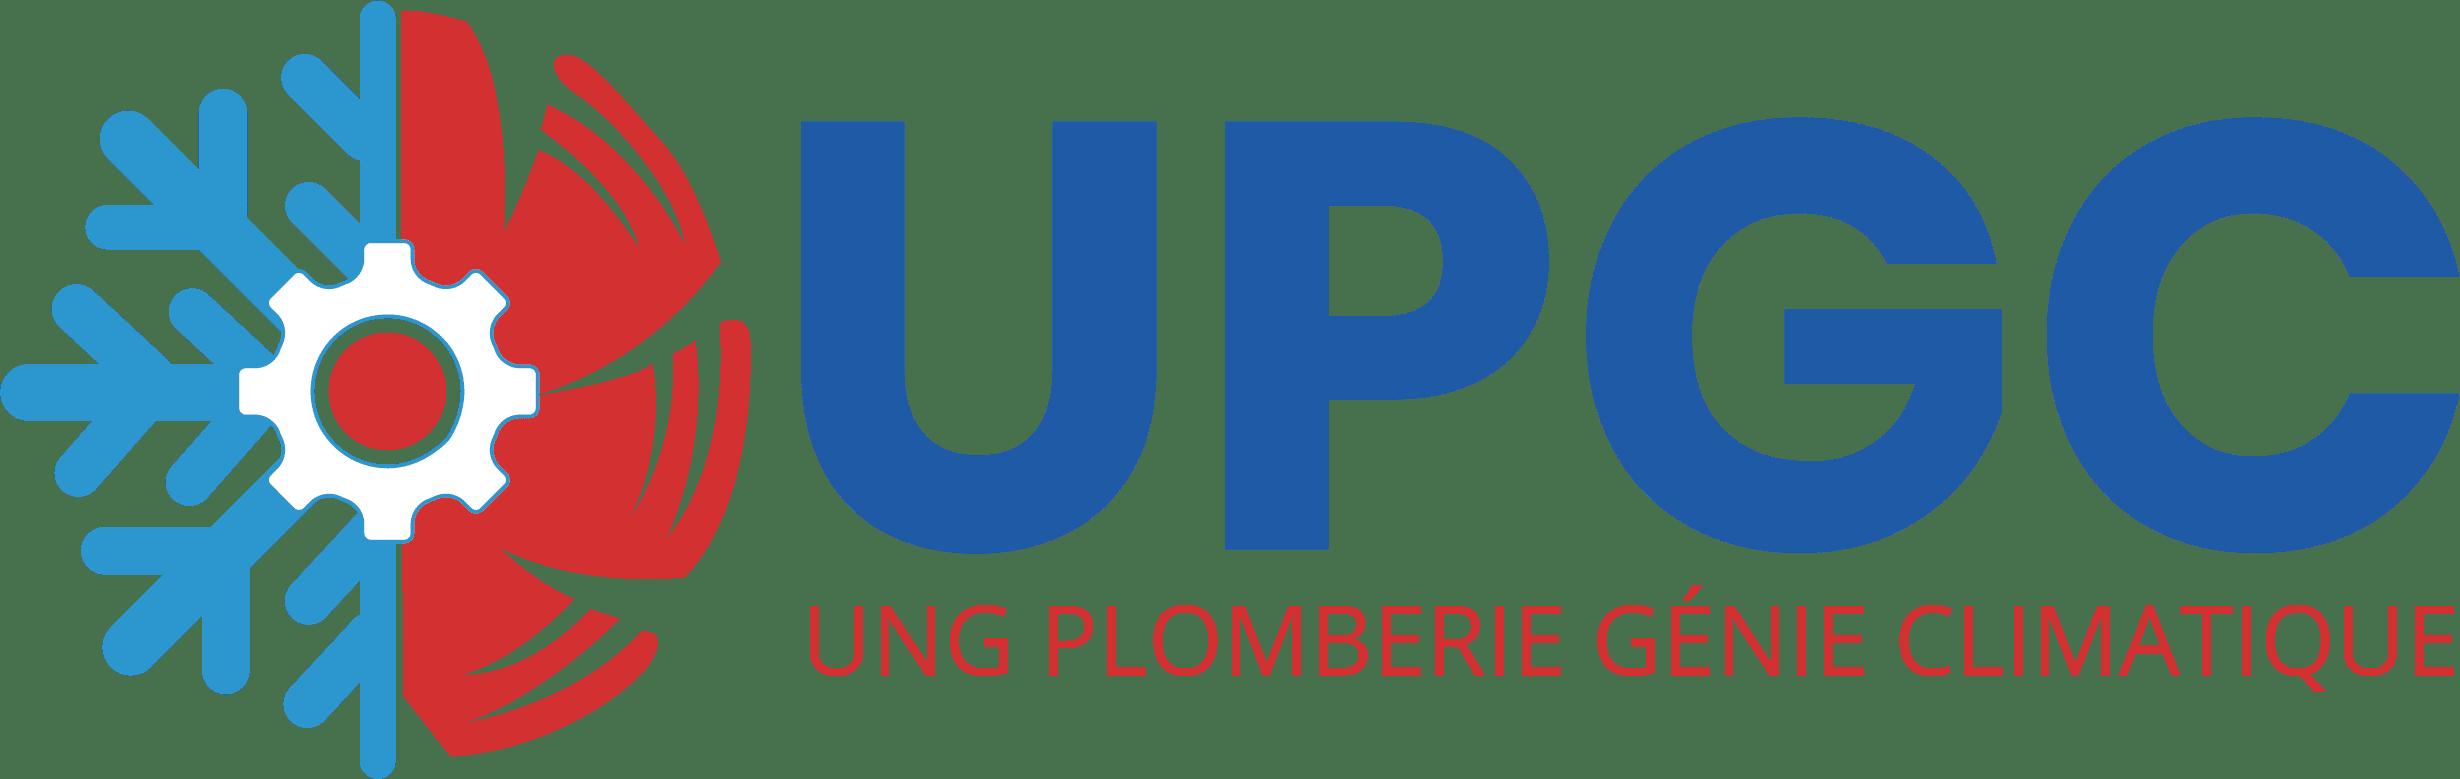 Logo UPGC